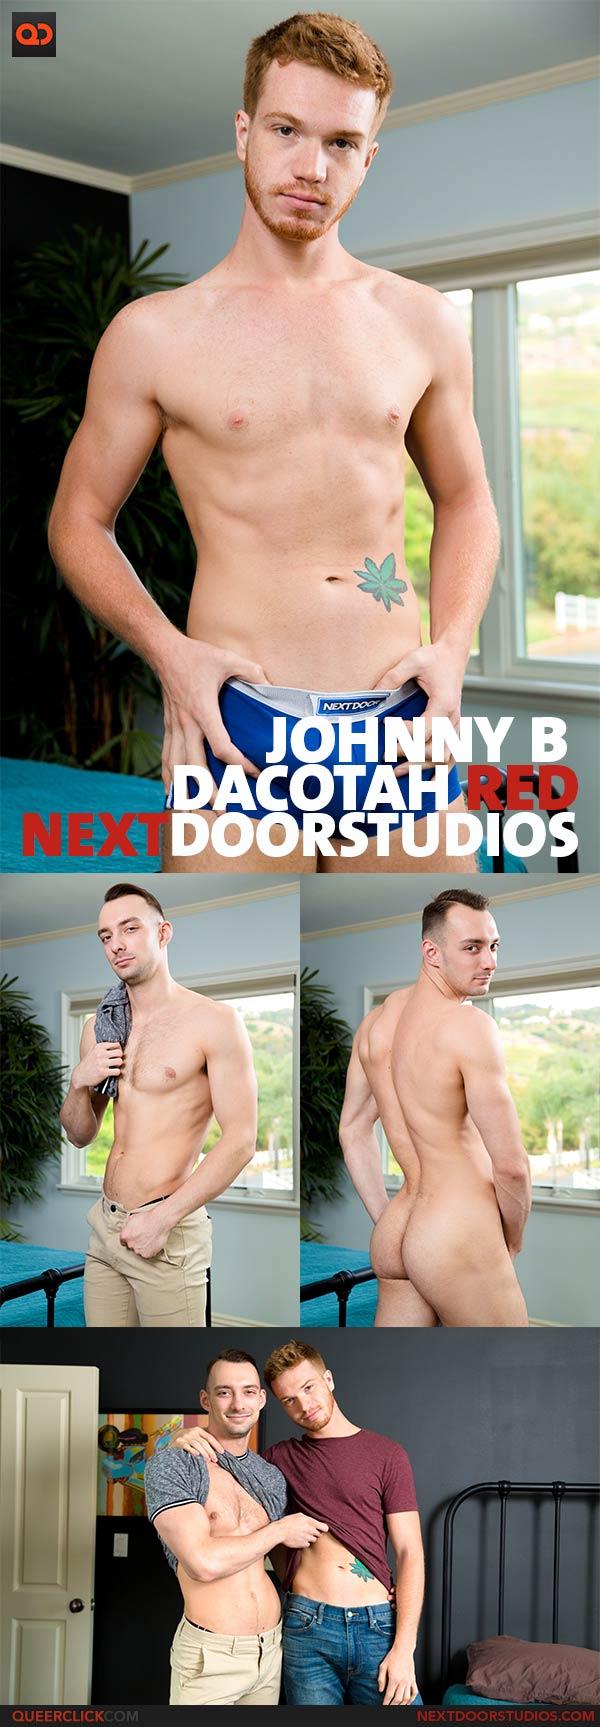 Next Door Studios:  Johnny B and Dacotah Red